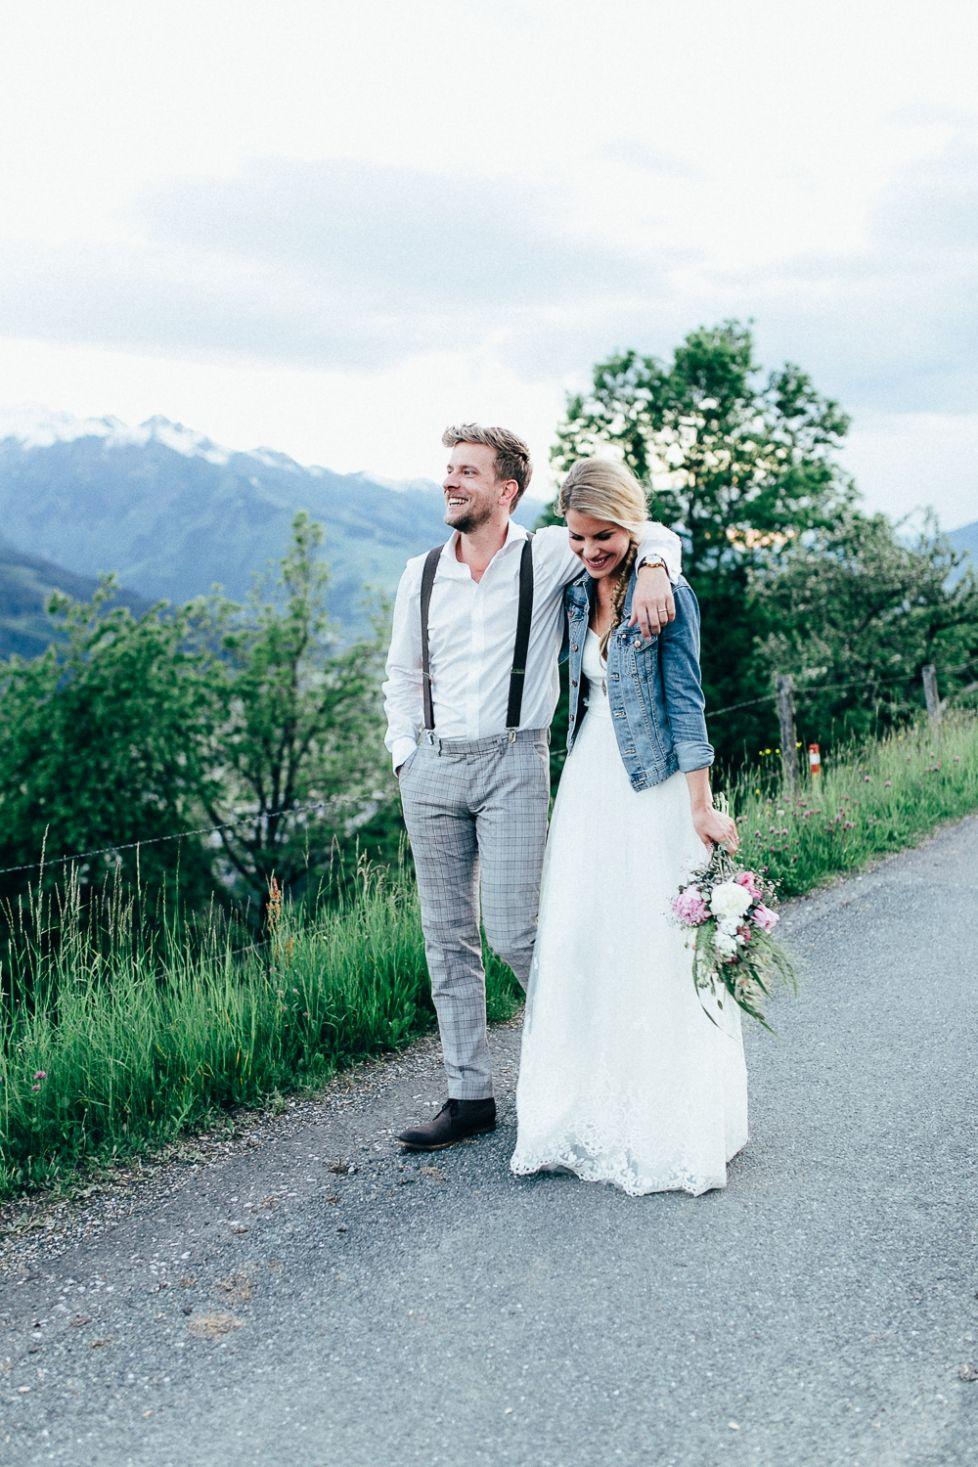 jeans jacket #bride | Bridal Cover Up | Pinterest | Boda, Novios y ...